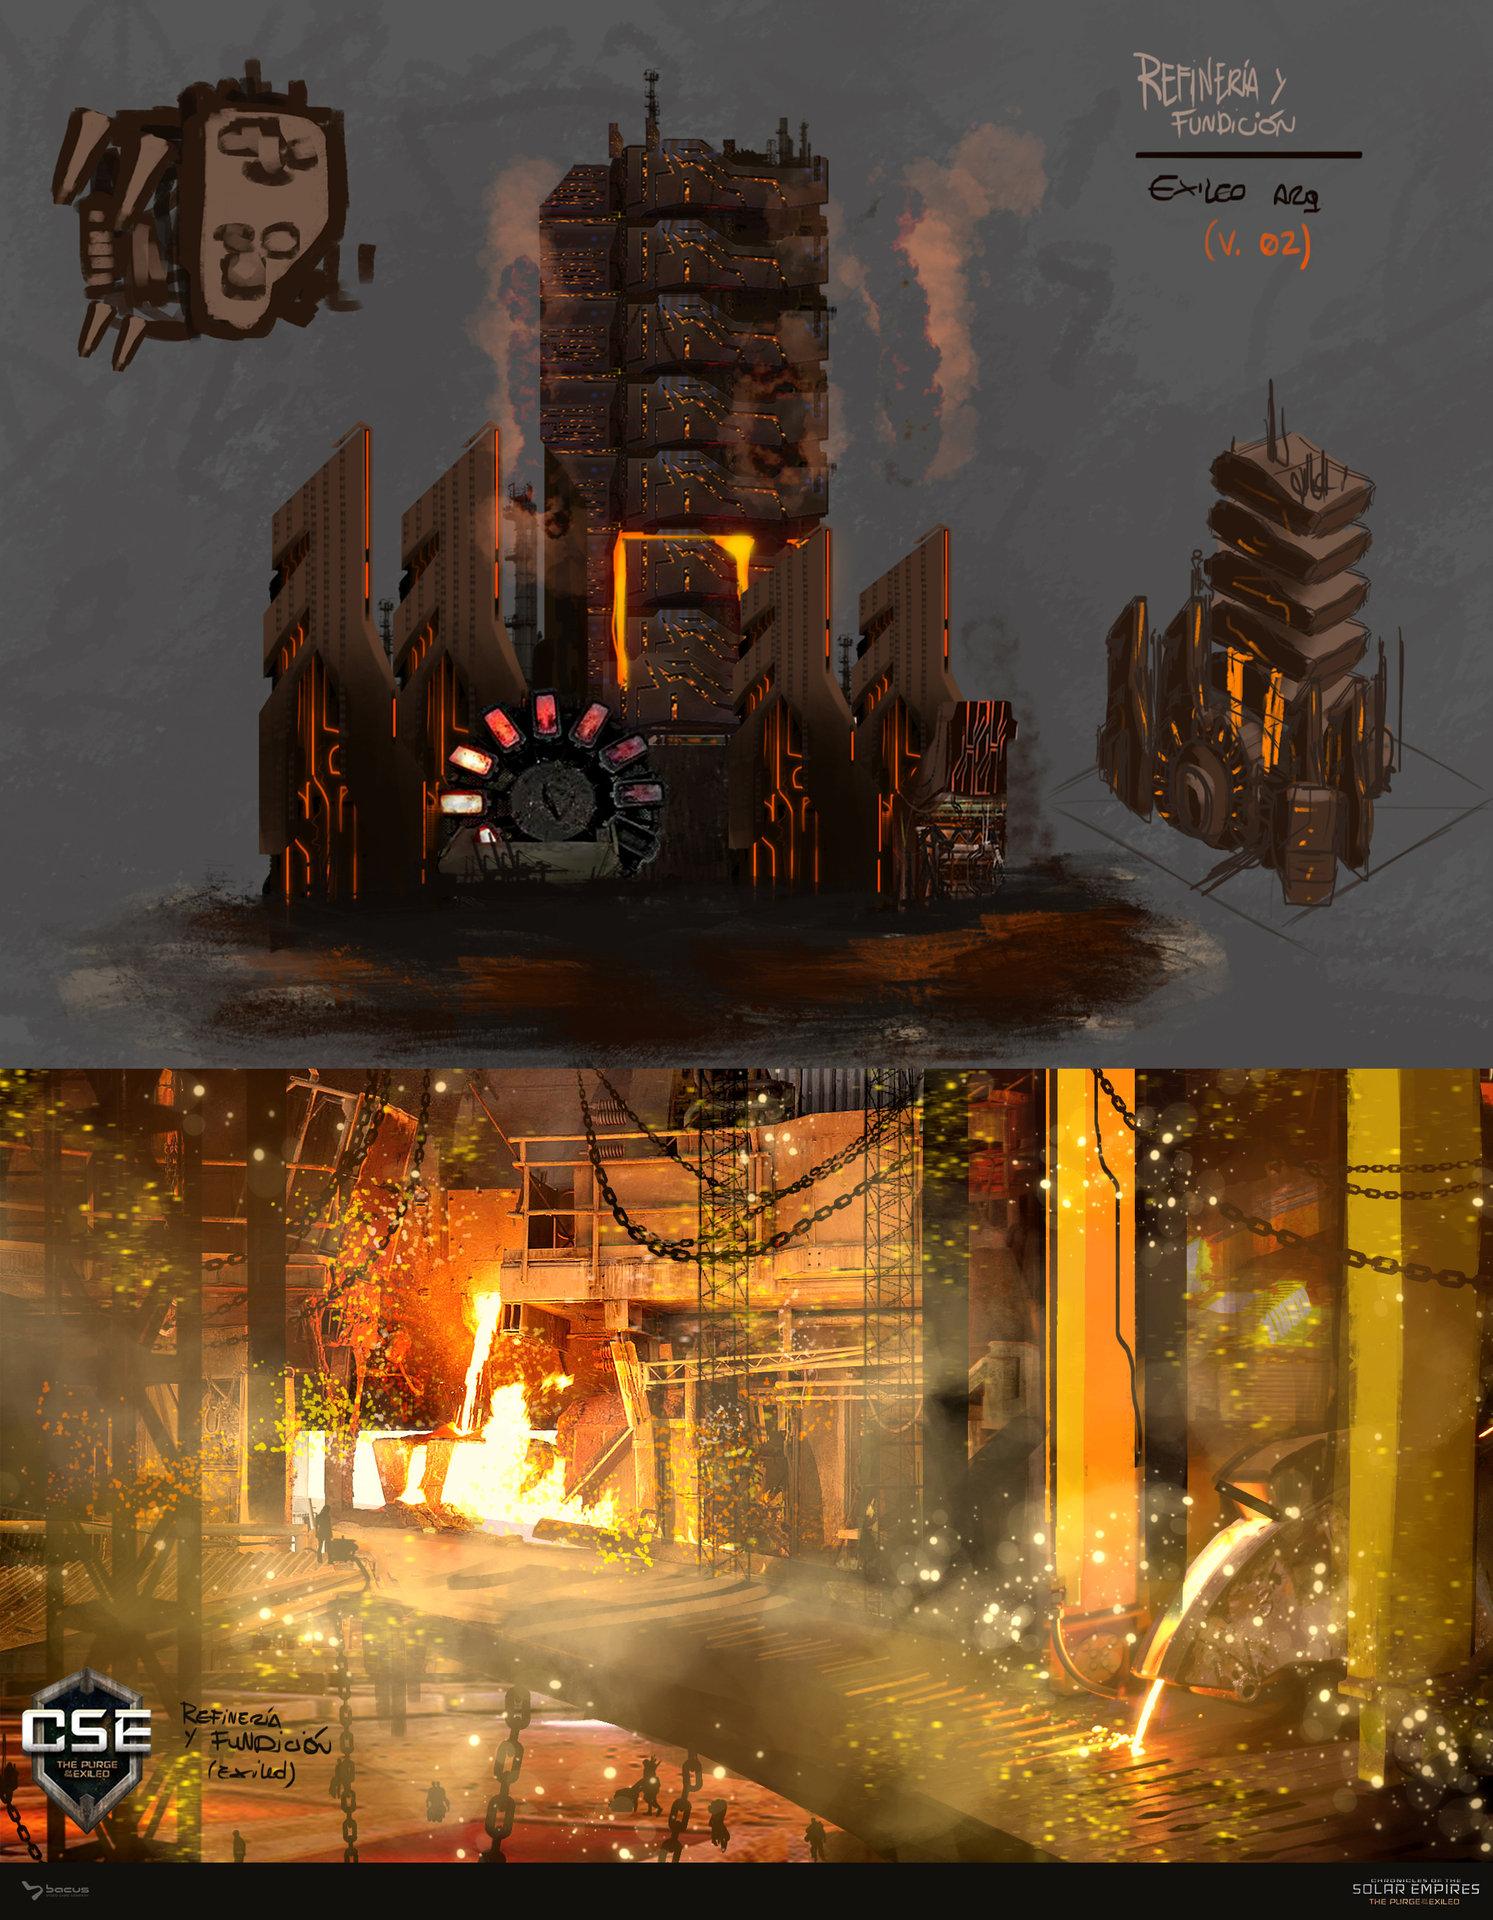 17 refineria y fundicion   exiled  concept